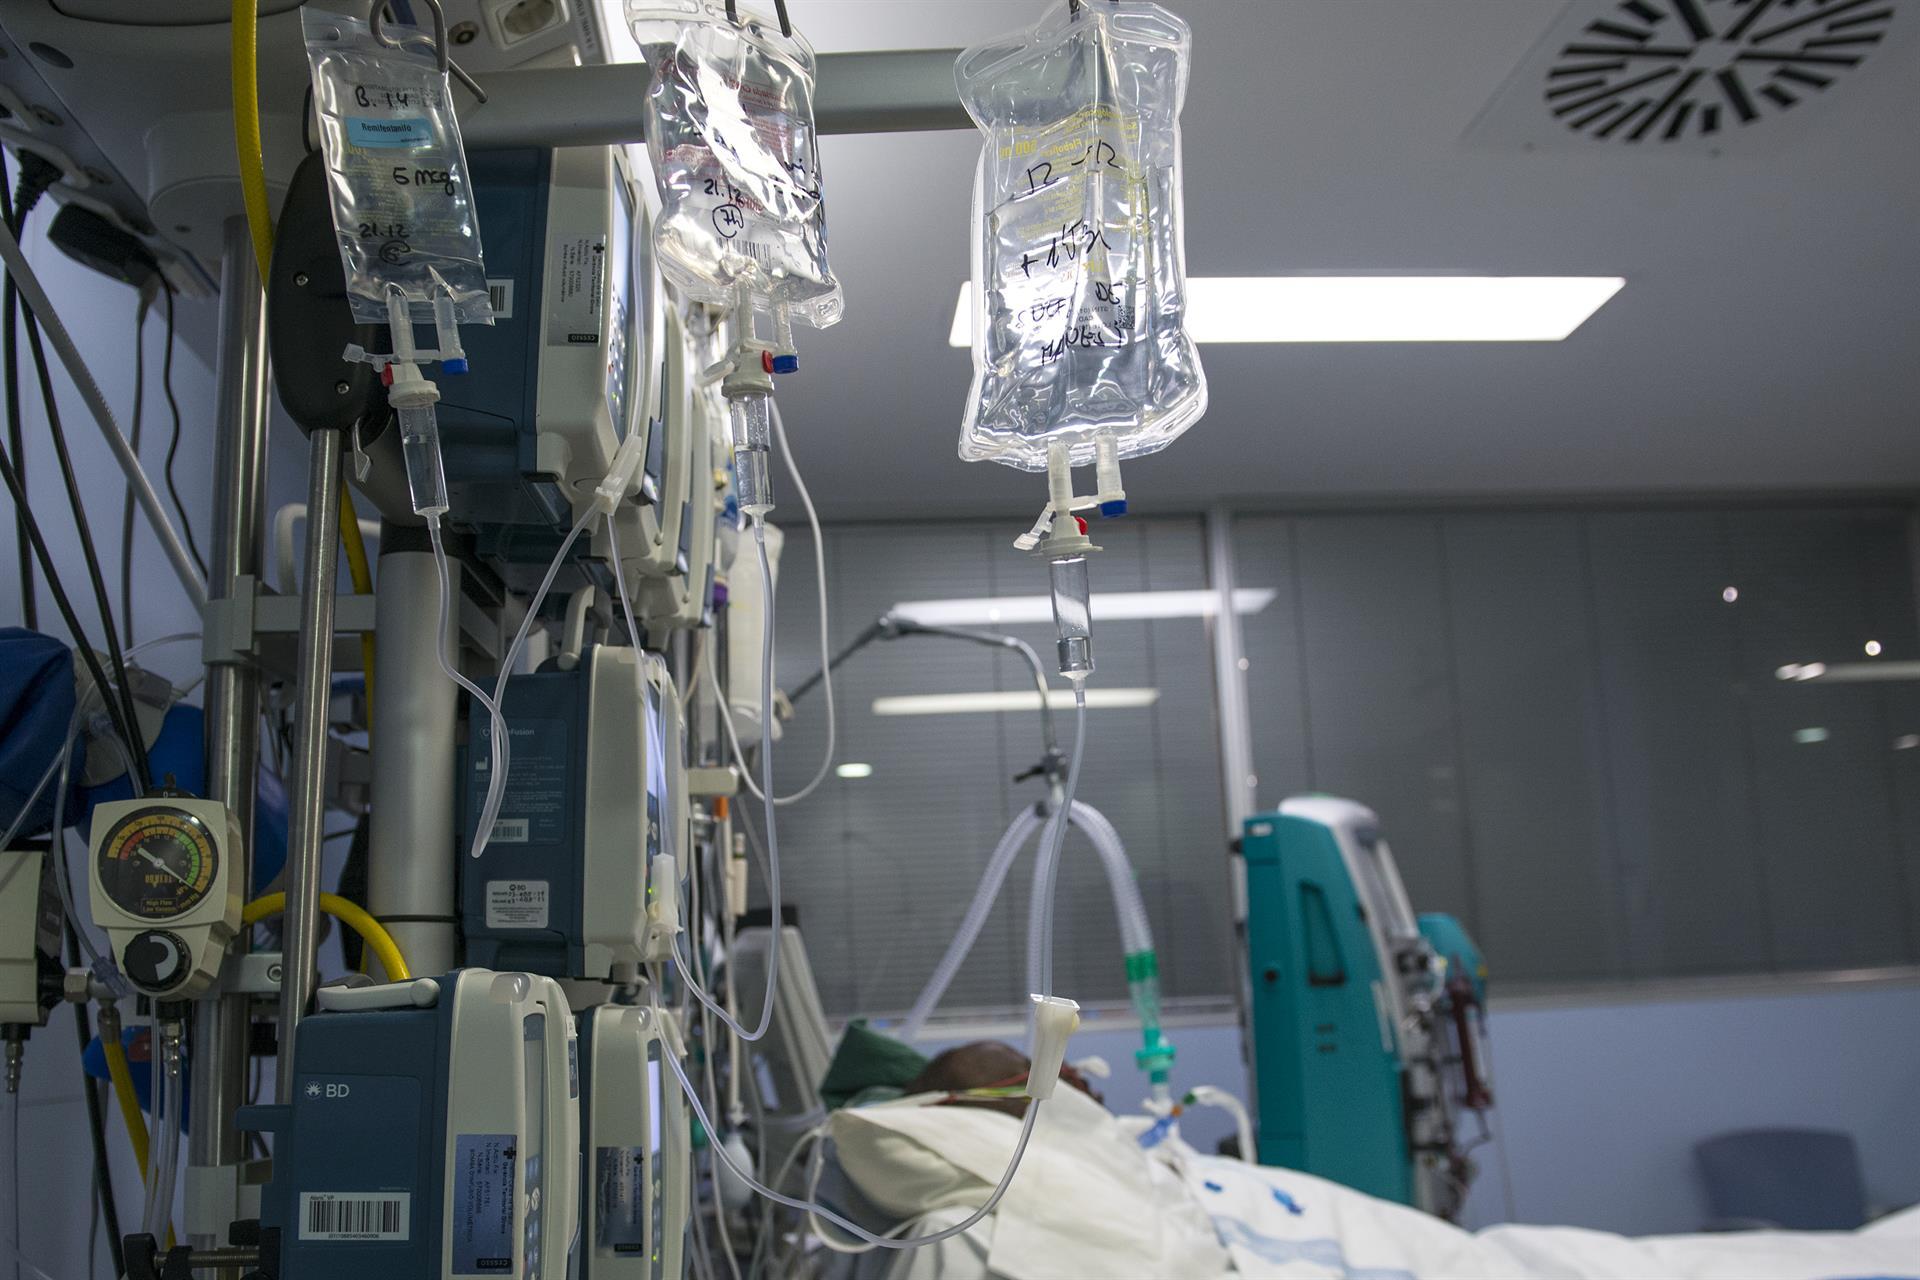 Andalucía supera en 44 hospitalizados el pico de noviembre con 3.522 ingresos